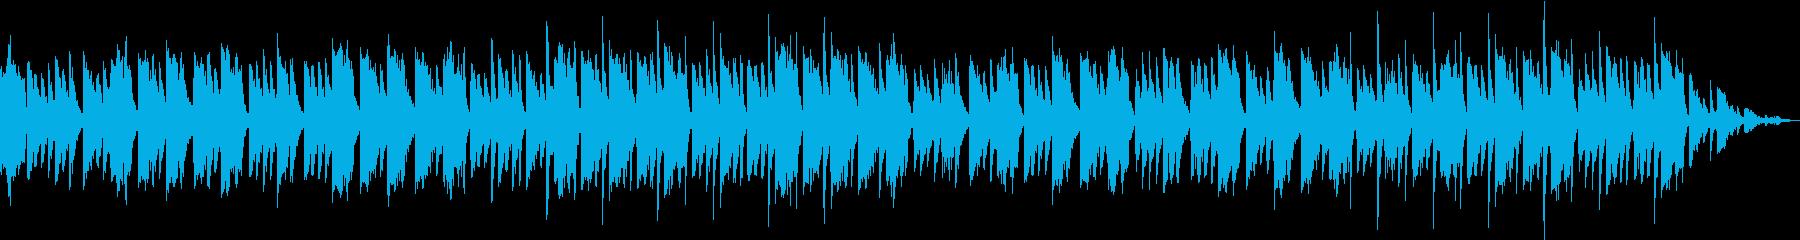 乳児の入眠をサポートする癒やしの音楽の再生済みの波形